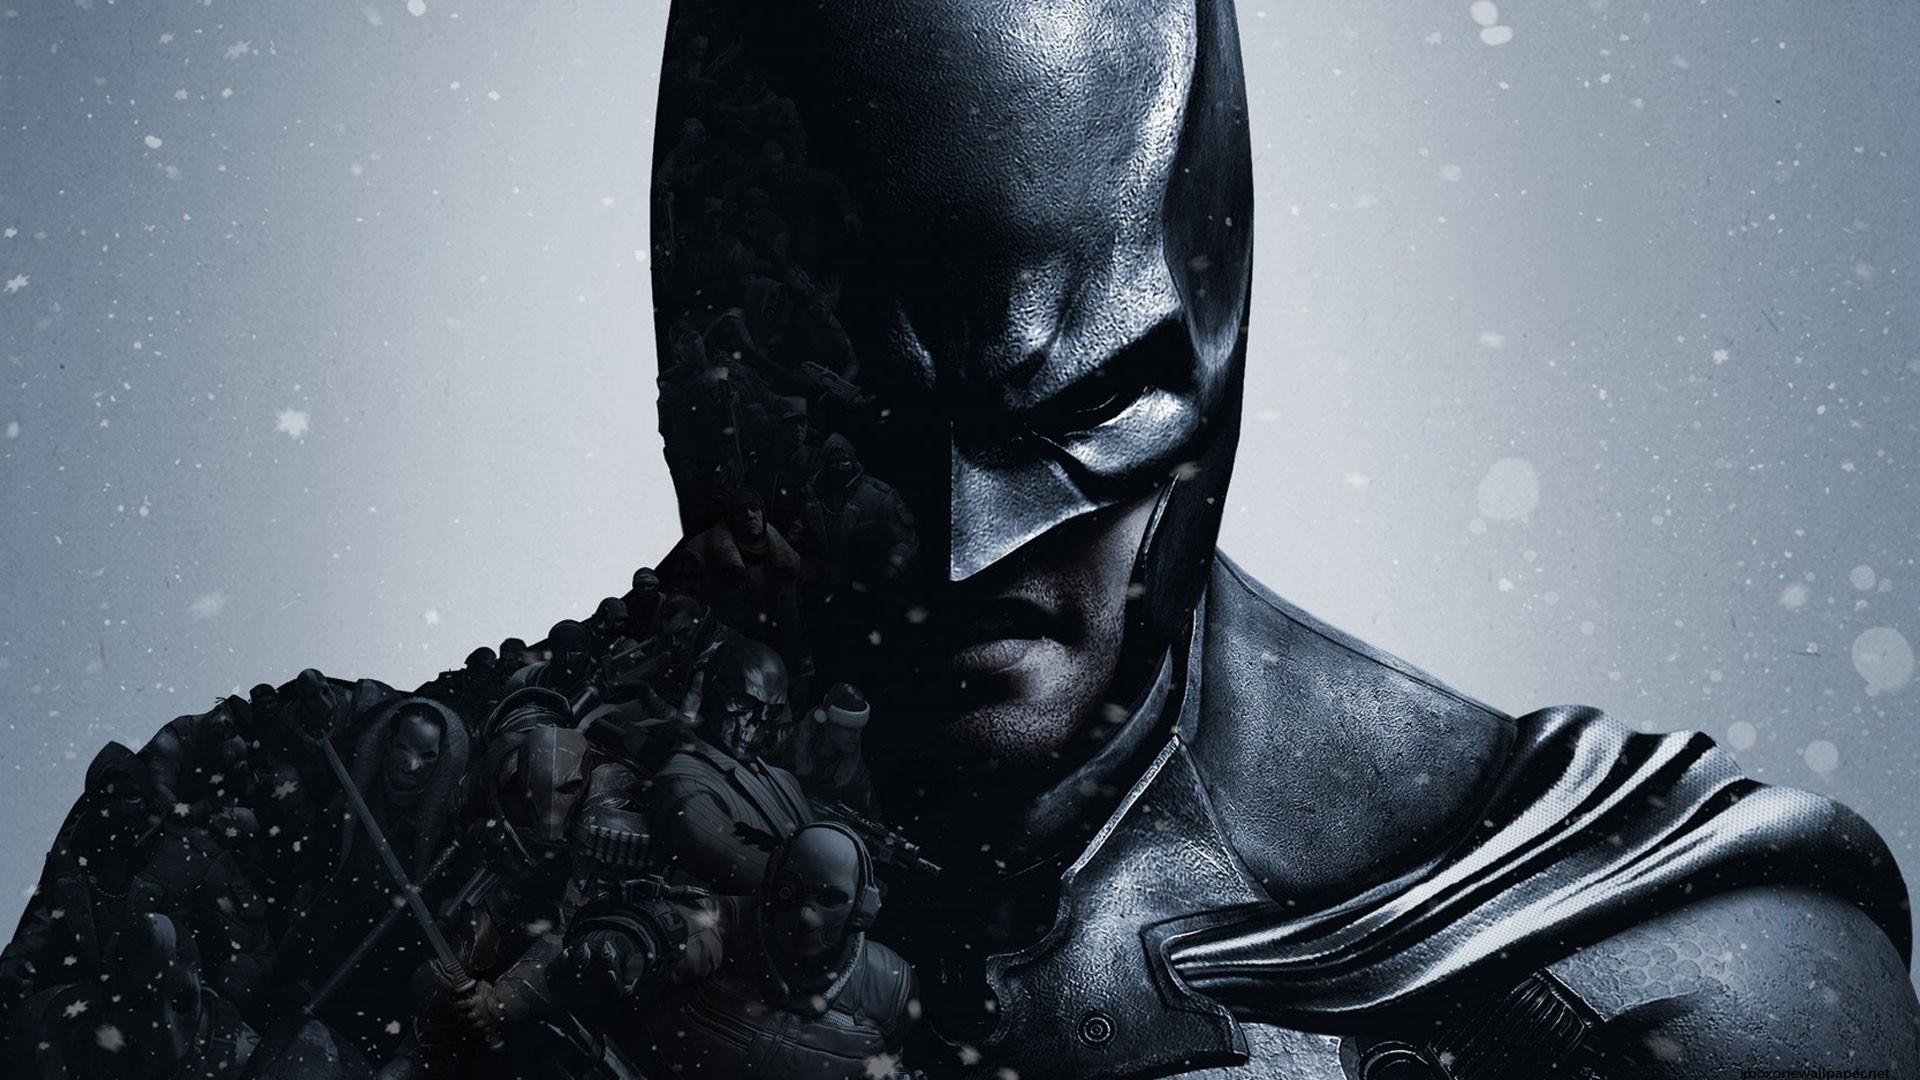 Batman Arkham Origins Wallpaper, HD Wallpaper, Photo, 1080p, 1920×1080